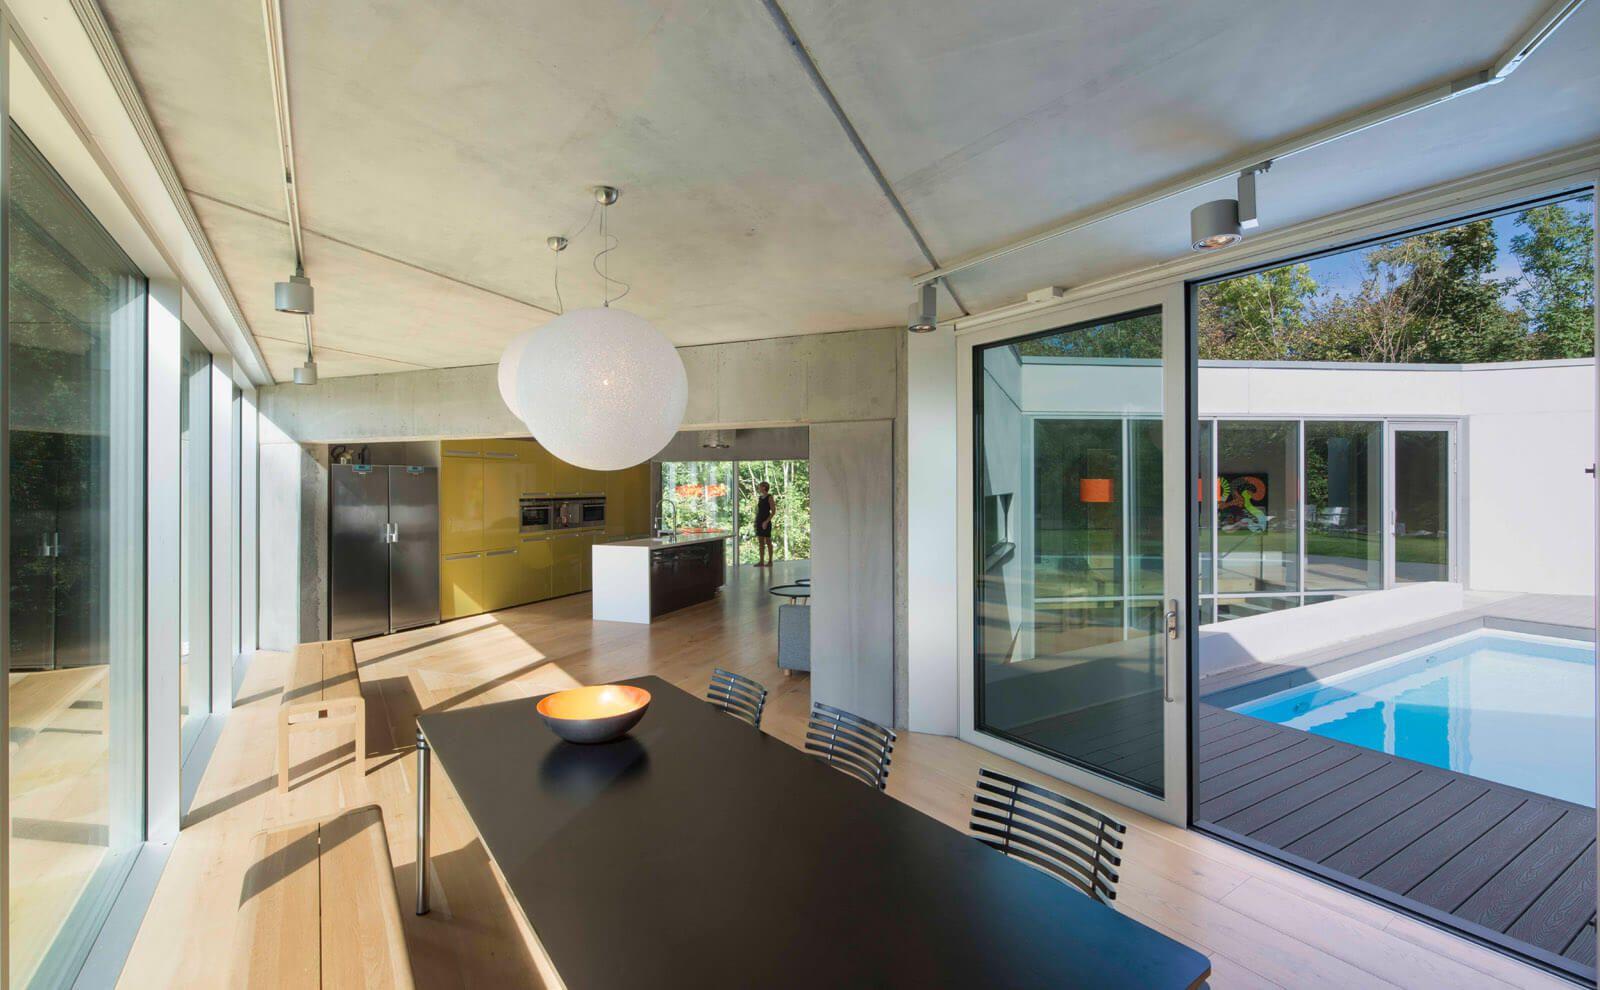 Architektur Referenz Hammerbakken Innenansicht